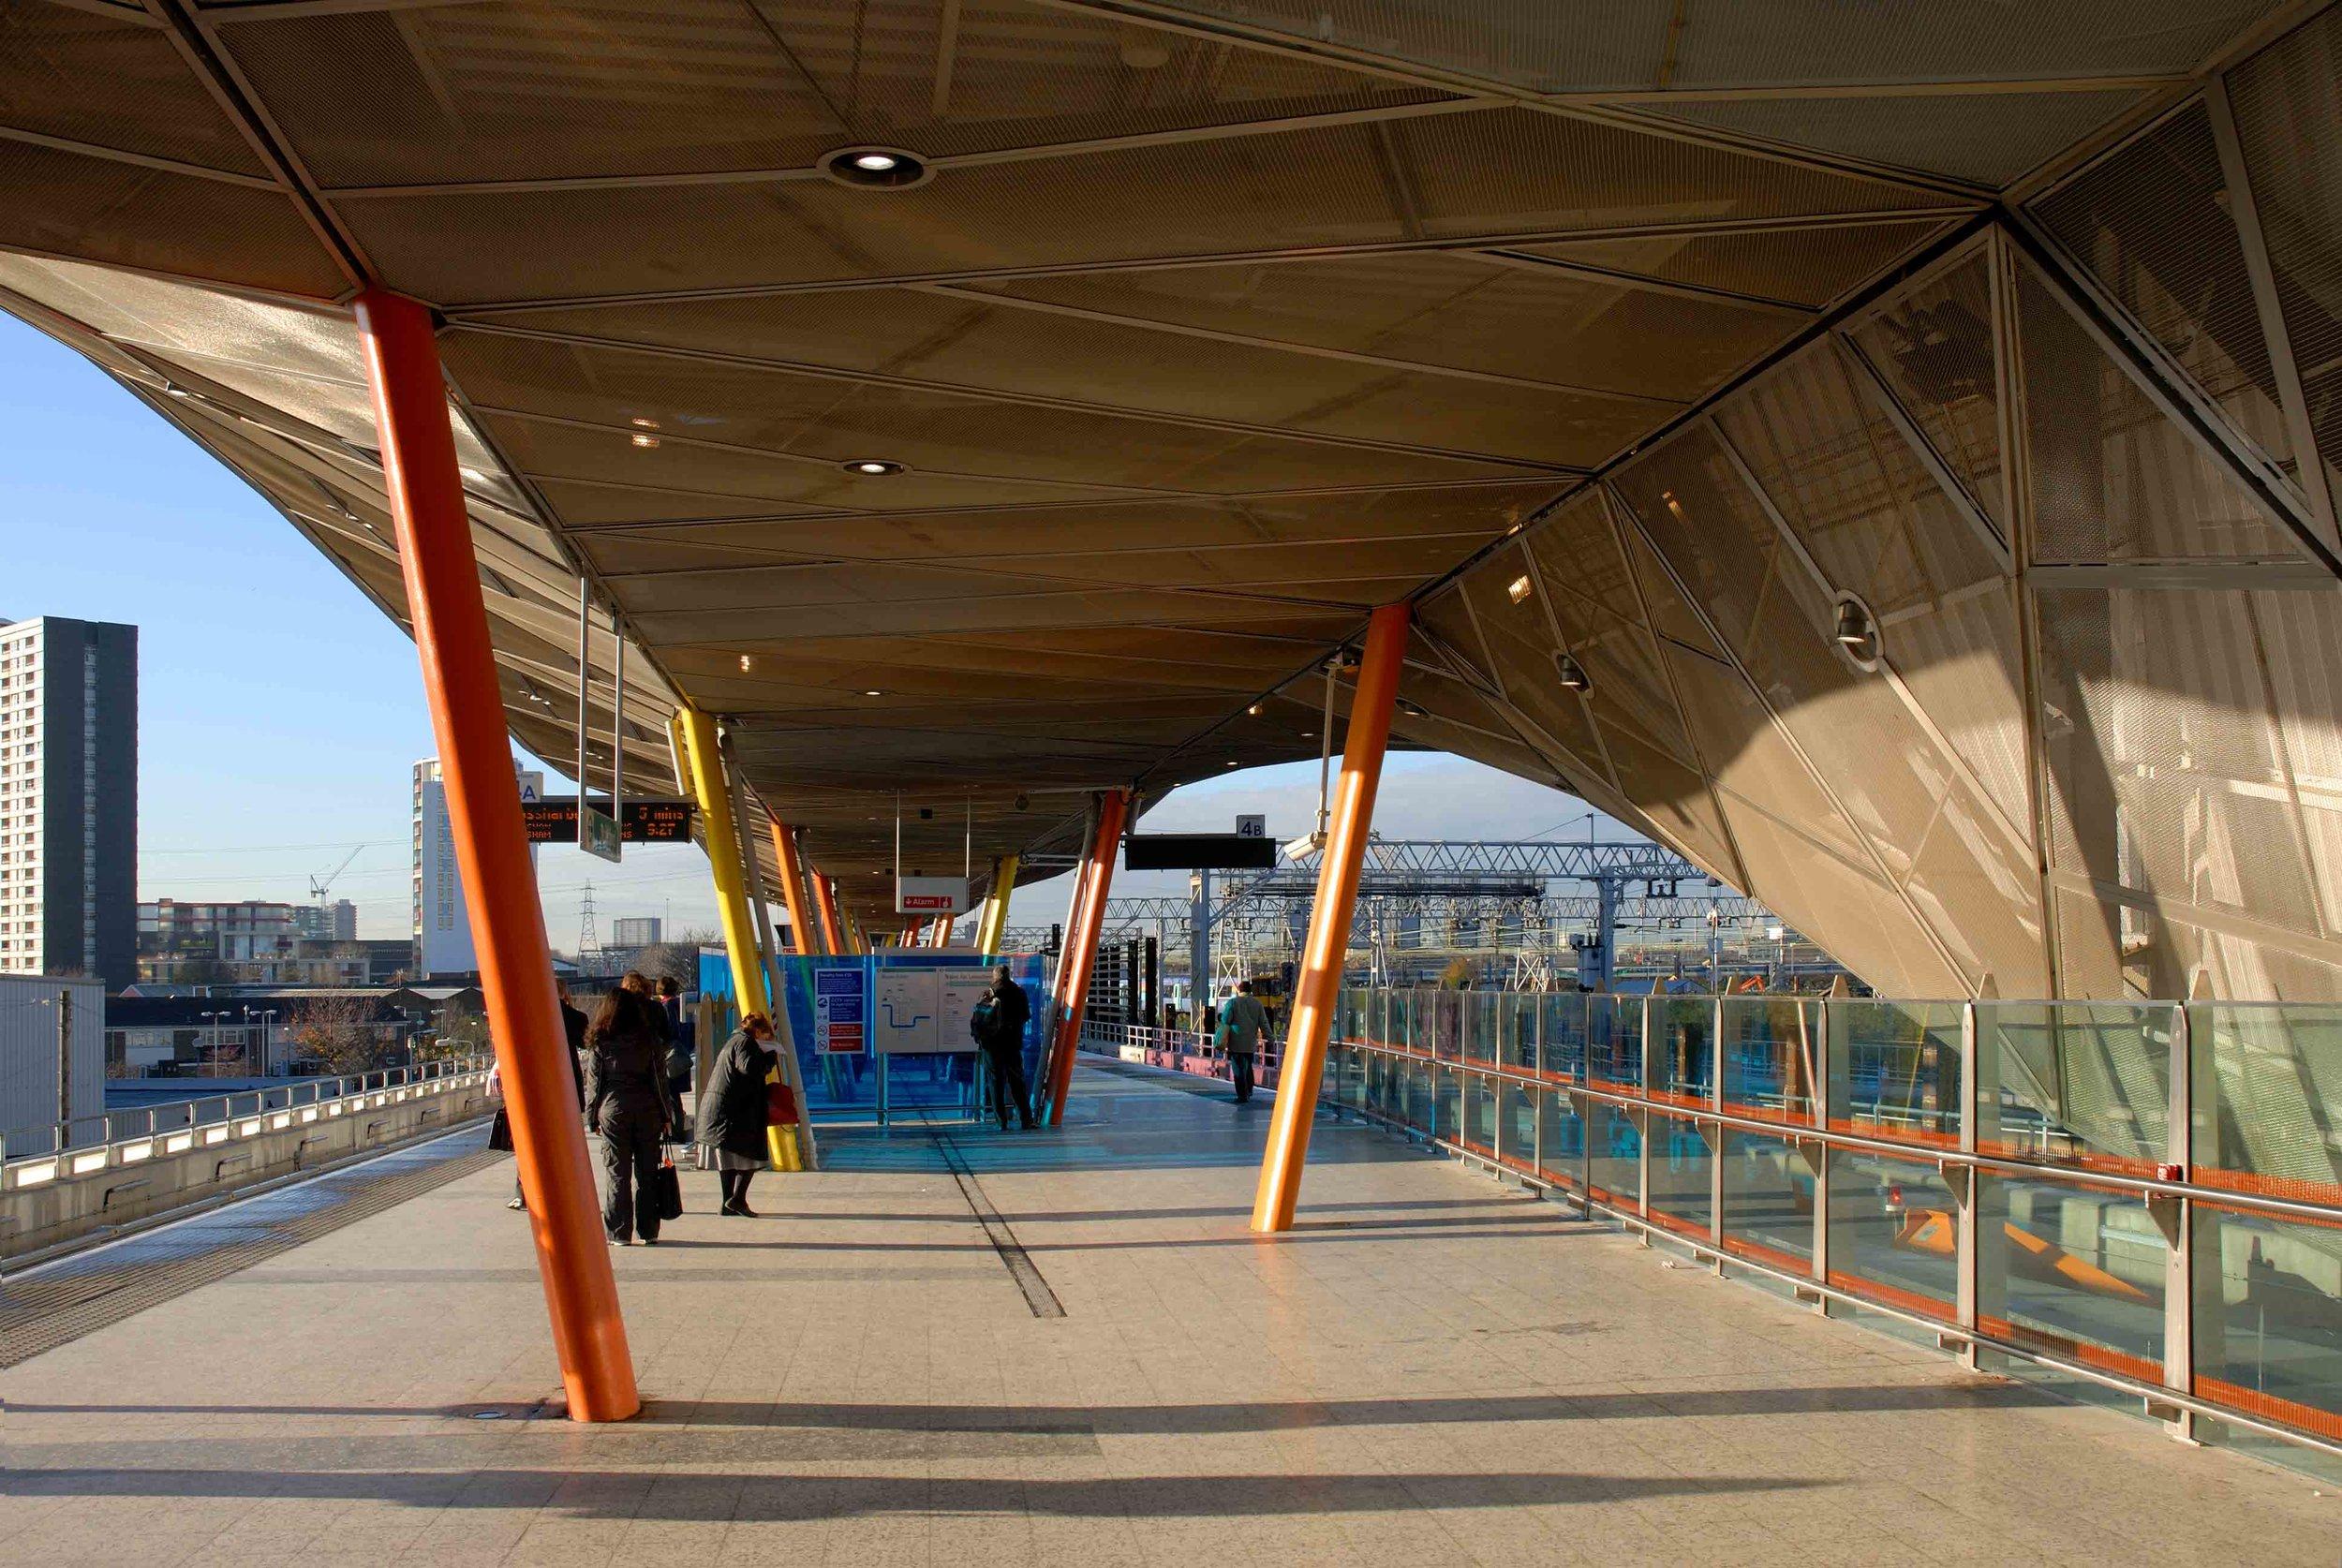 Stratford DLR station platform design